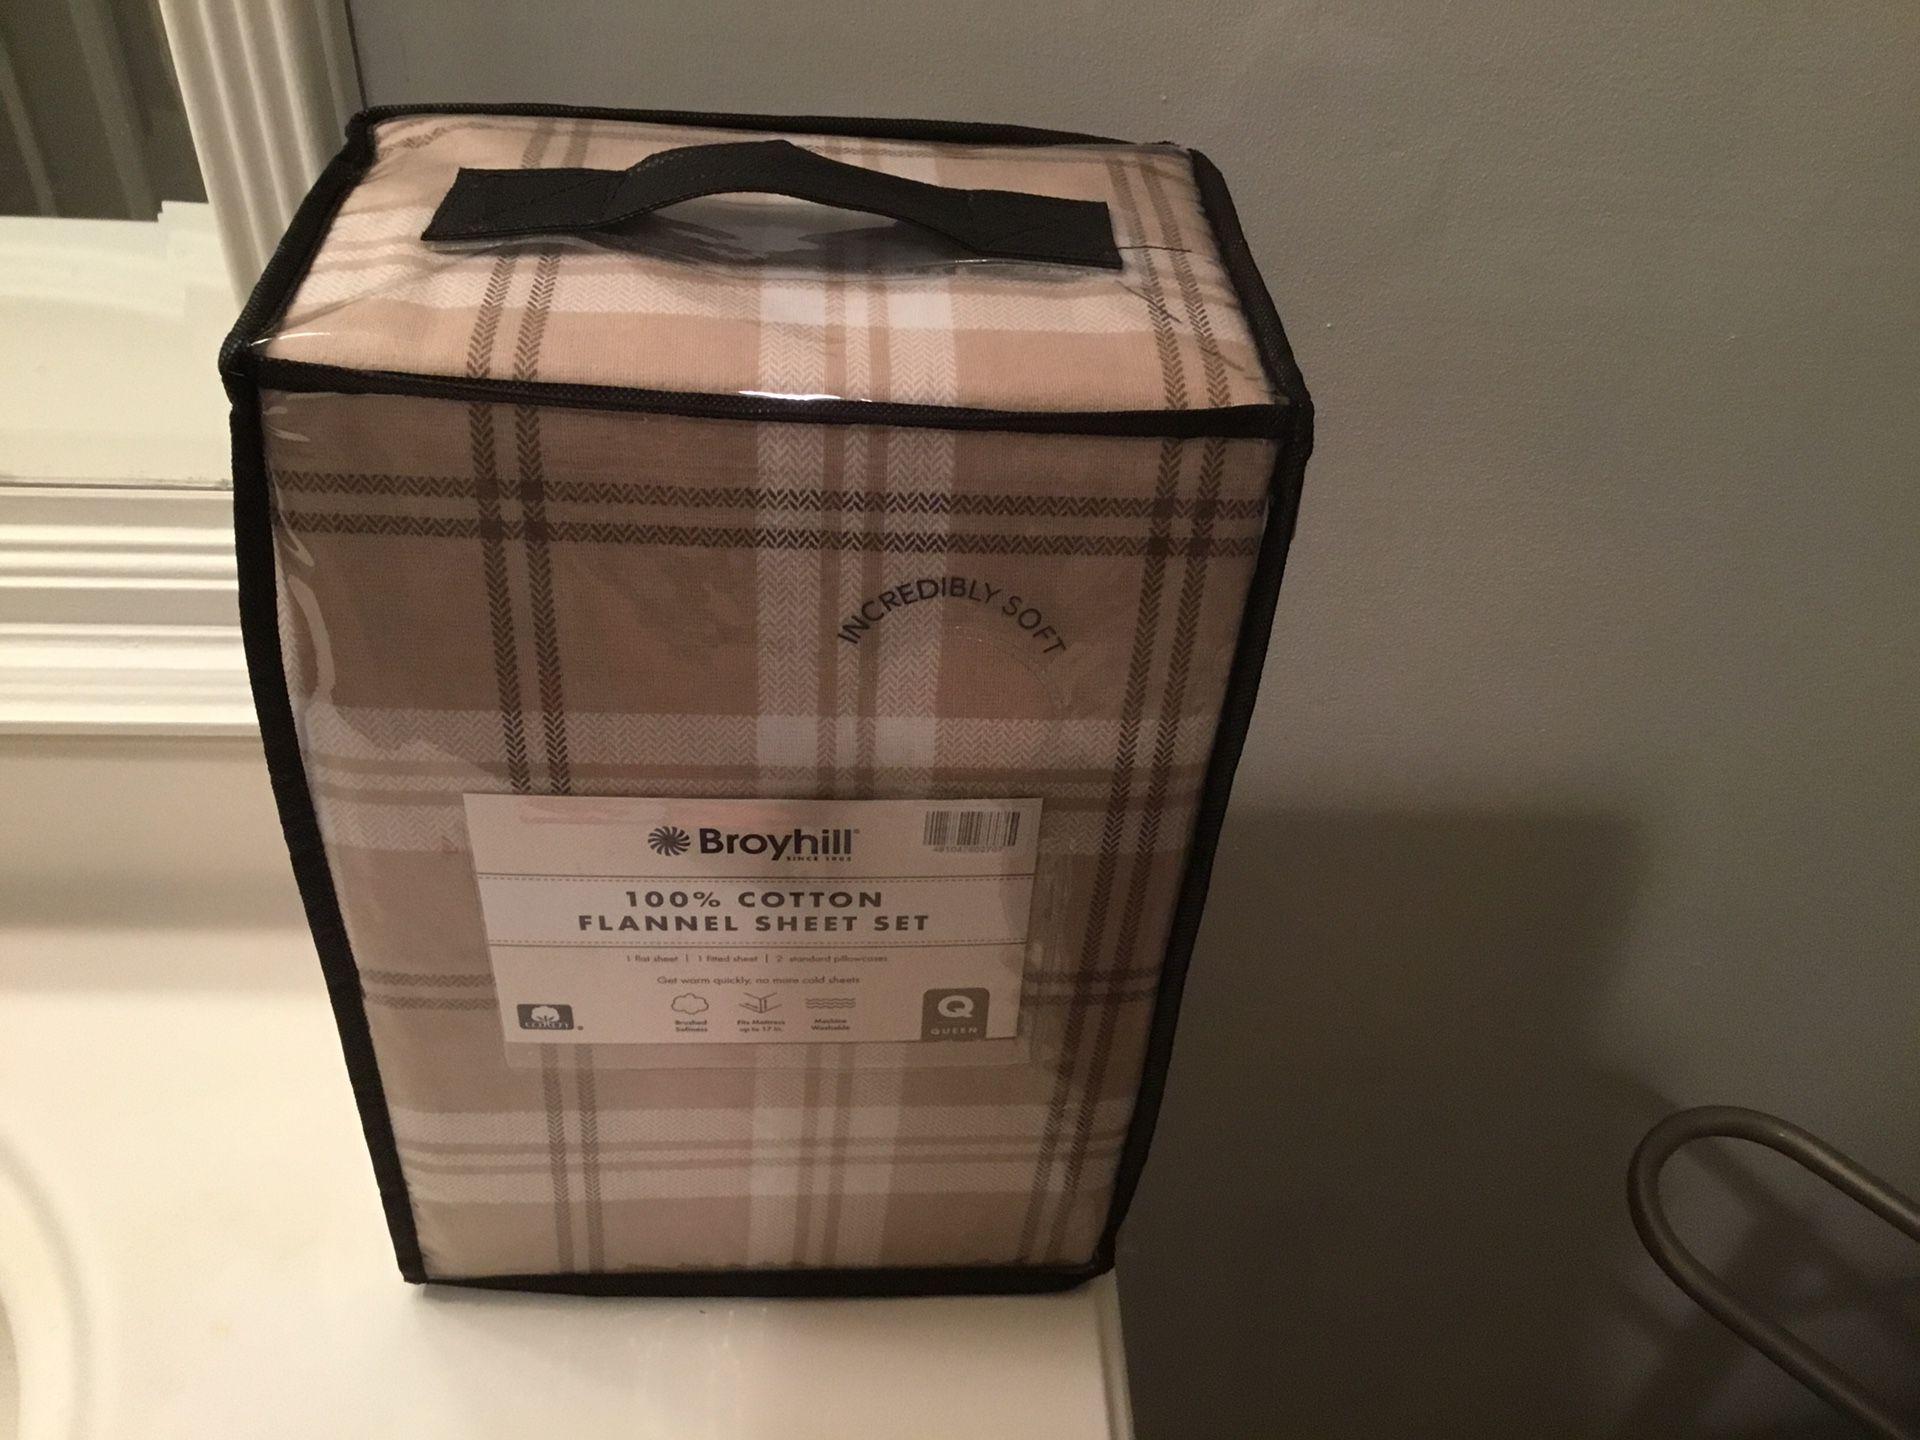 Queen 100% Flannel Sheet Set (New)